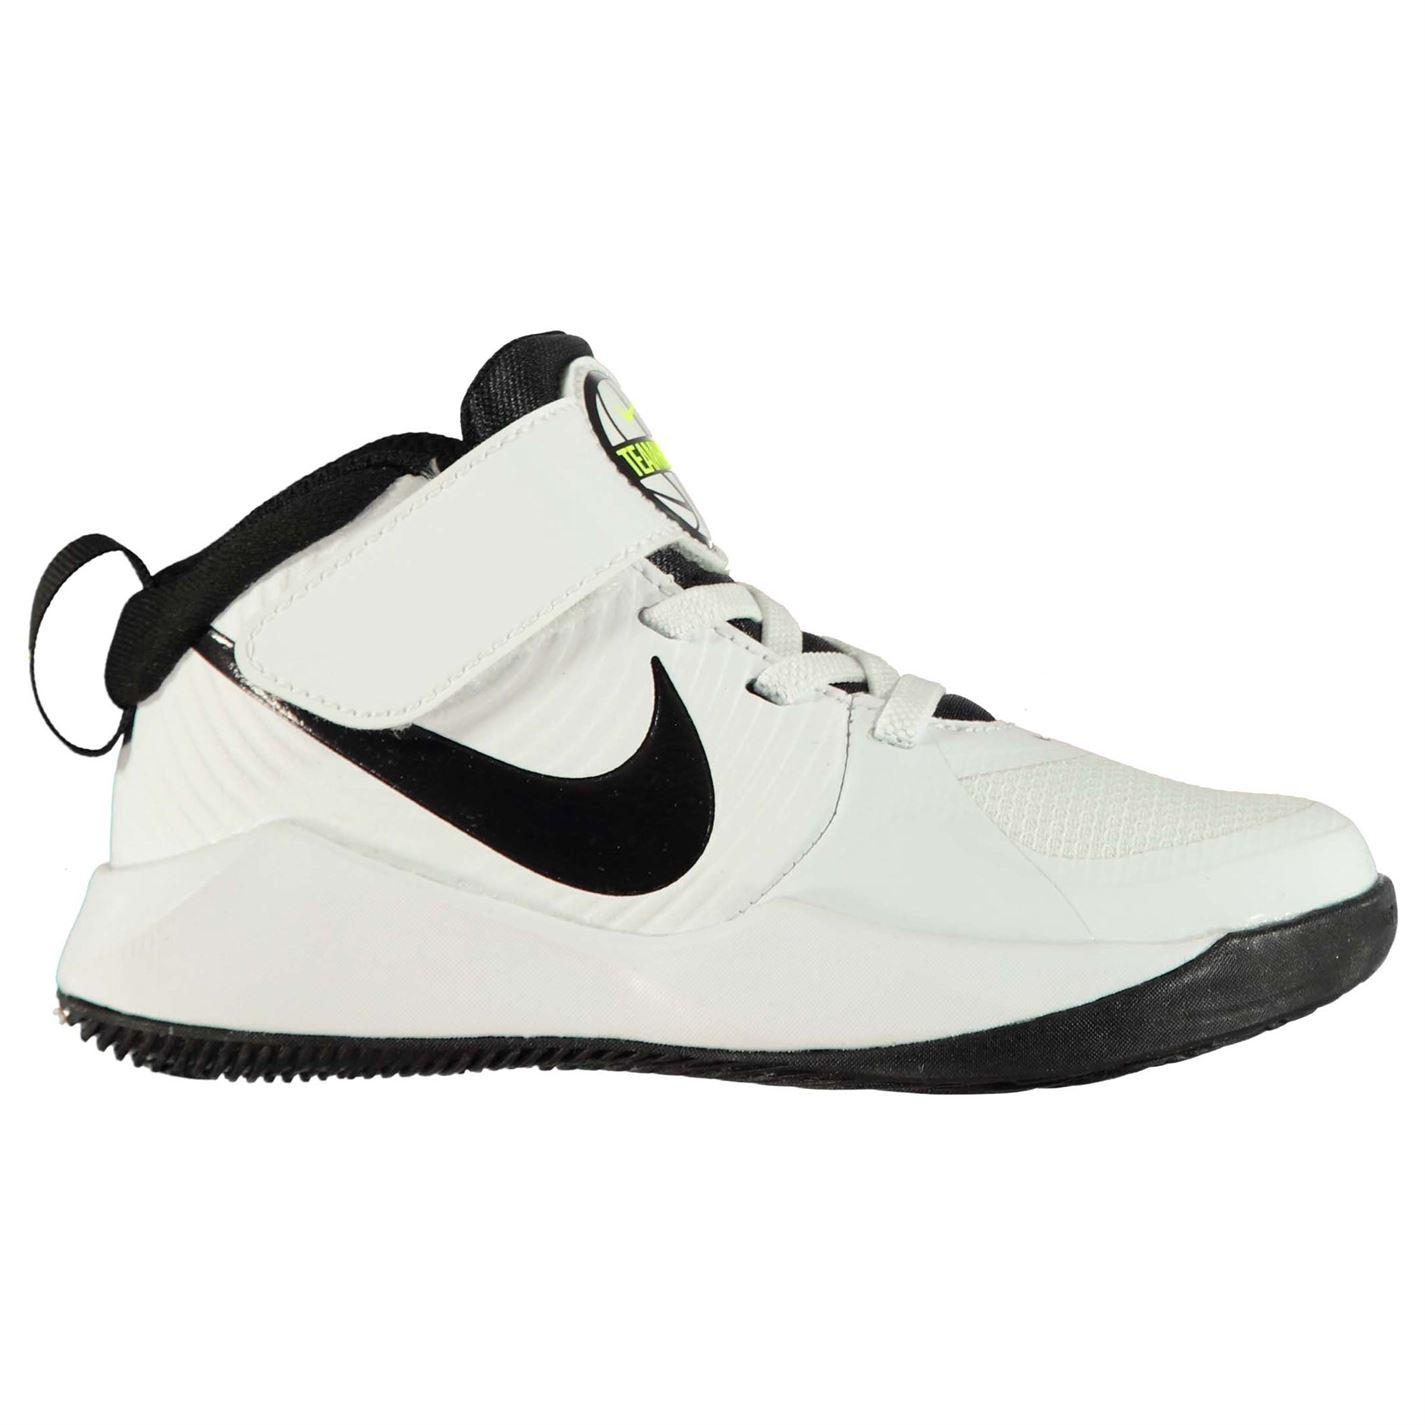 Nike Team Hustle D9 Chd00